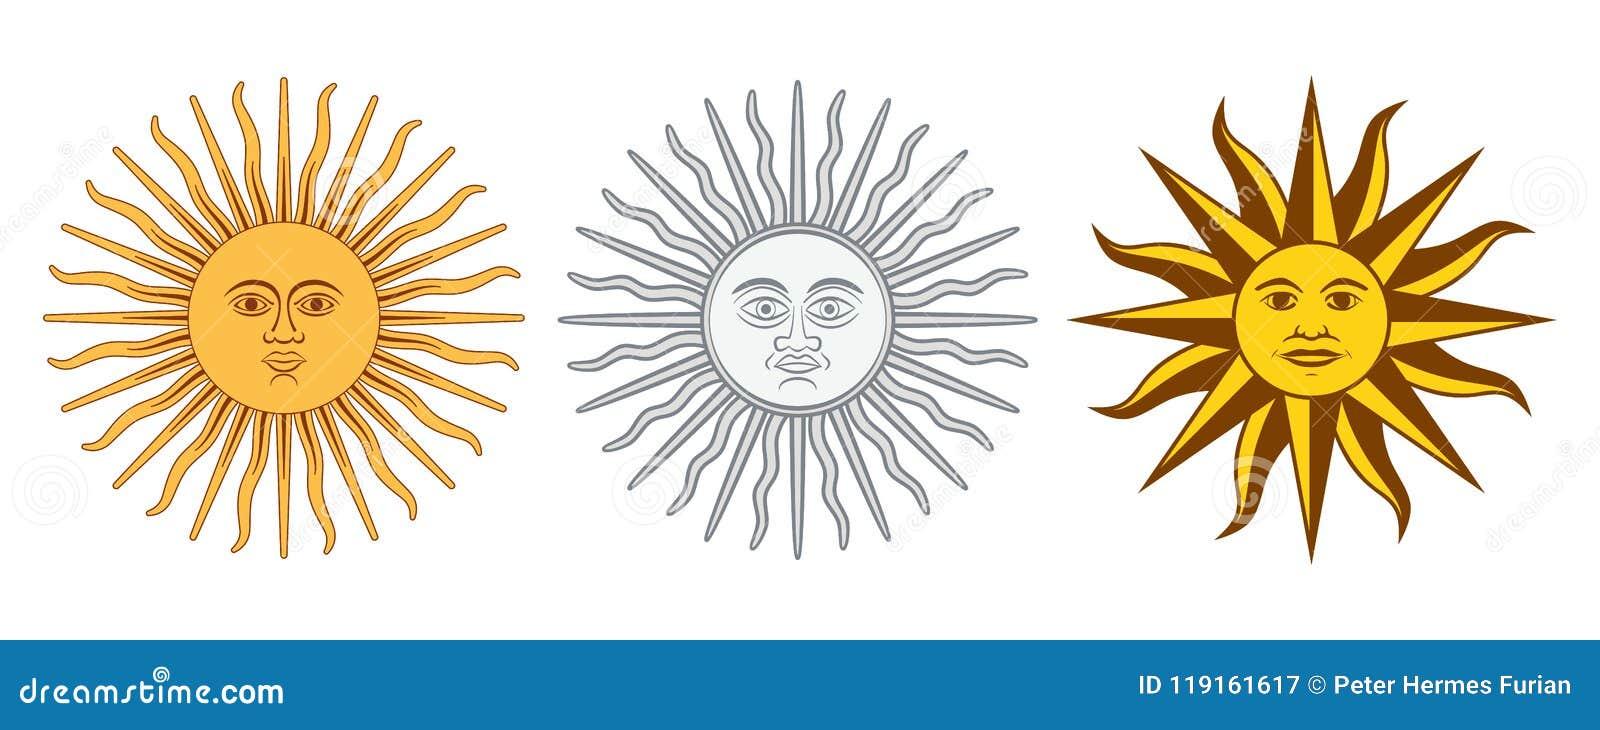 Sun de las variaciones de mayo, Sol de Mayo, la Argentina, Uruguay